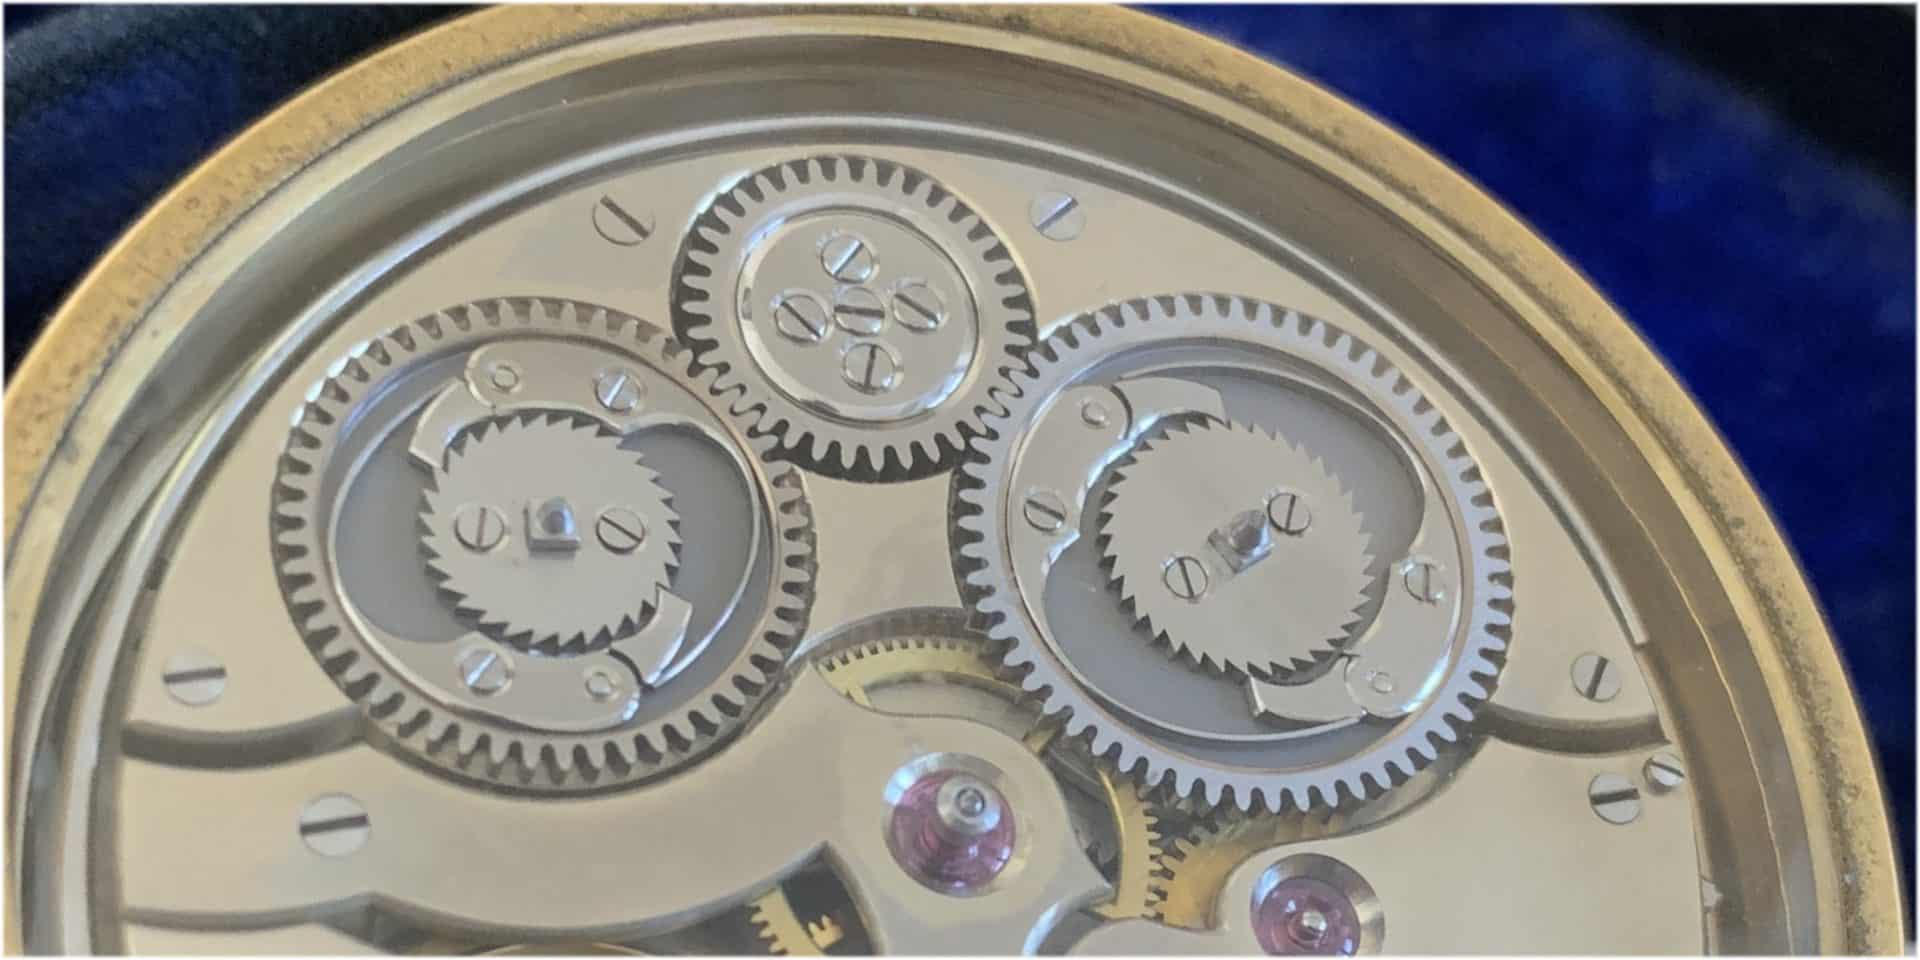 Uhren mit Selbstschlag benötigen zwei Federhäuser. Eines für das Geh-, das andere fürs das Schlagwerk.